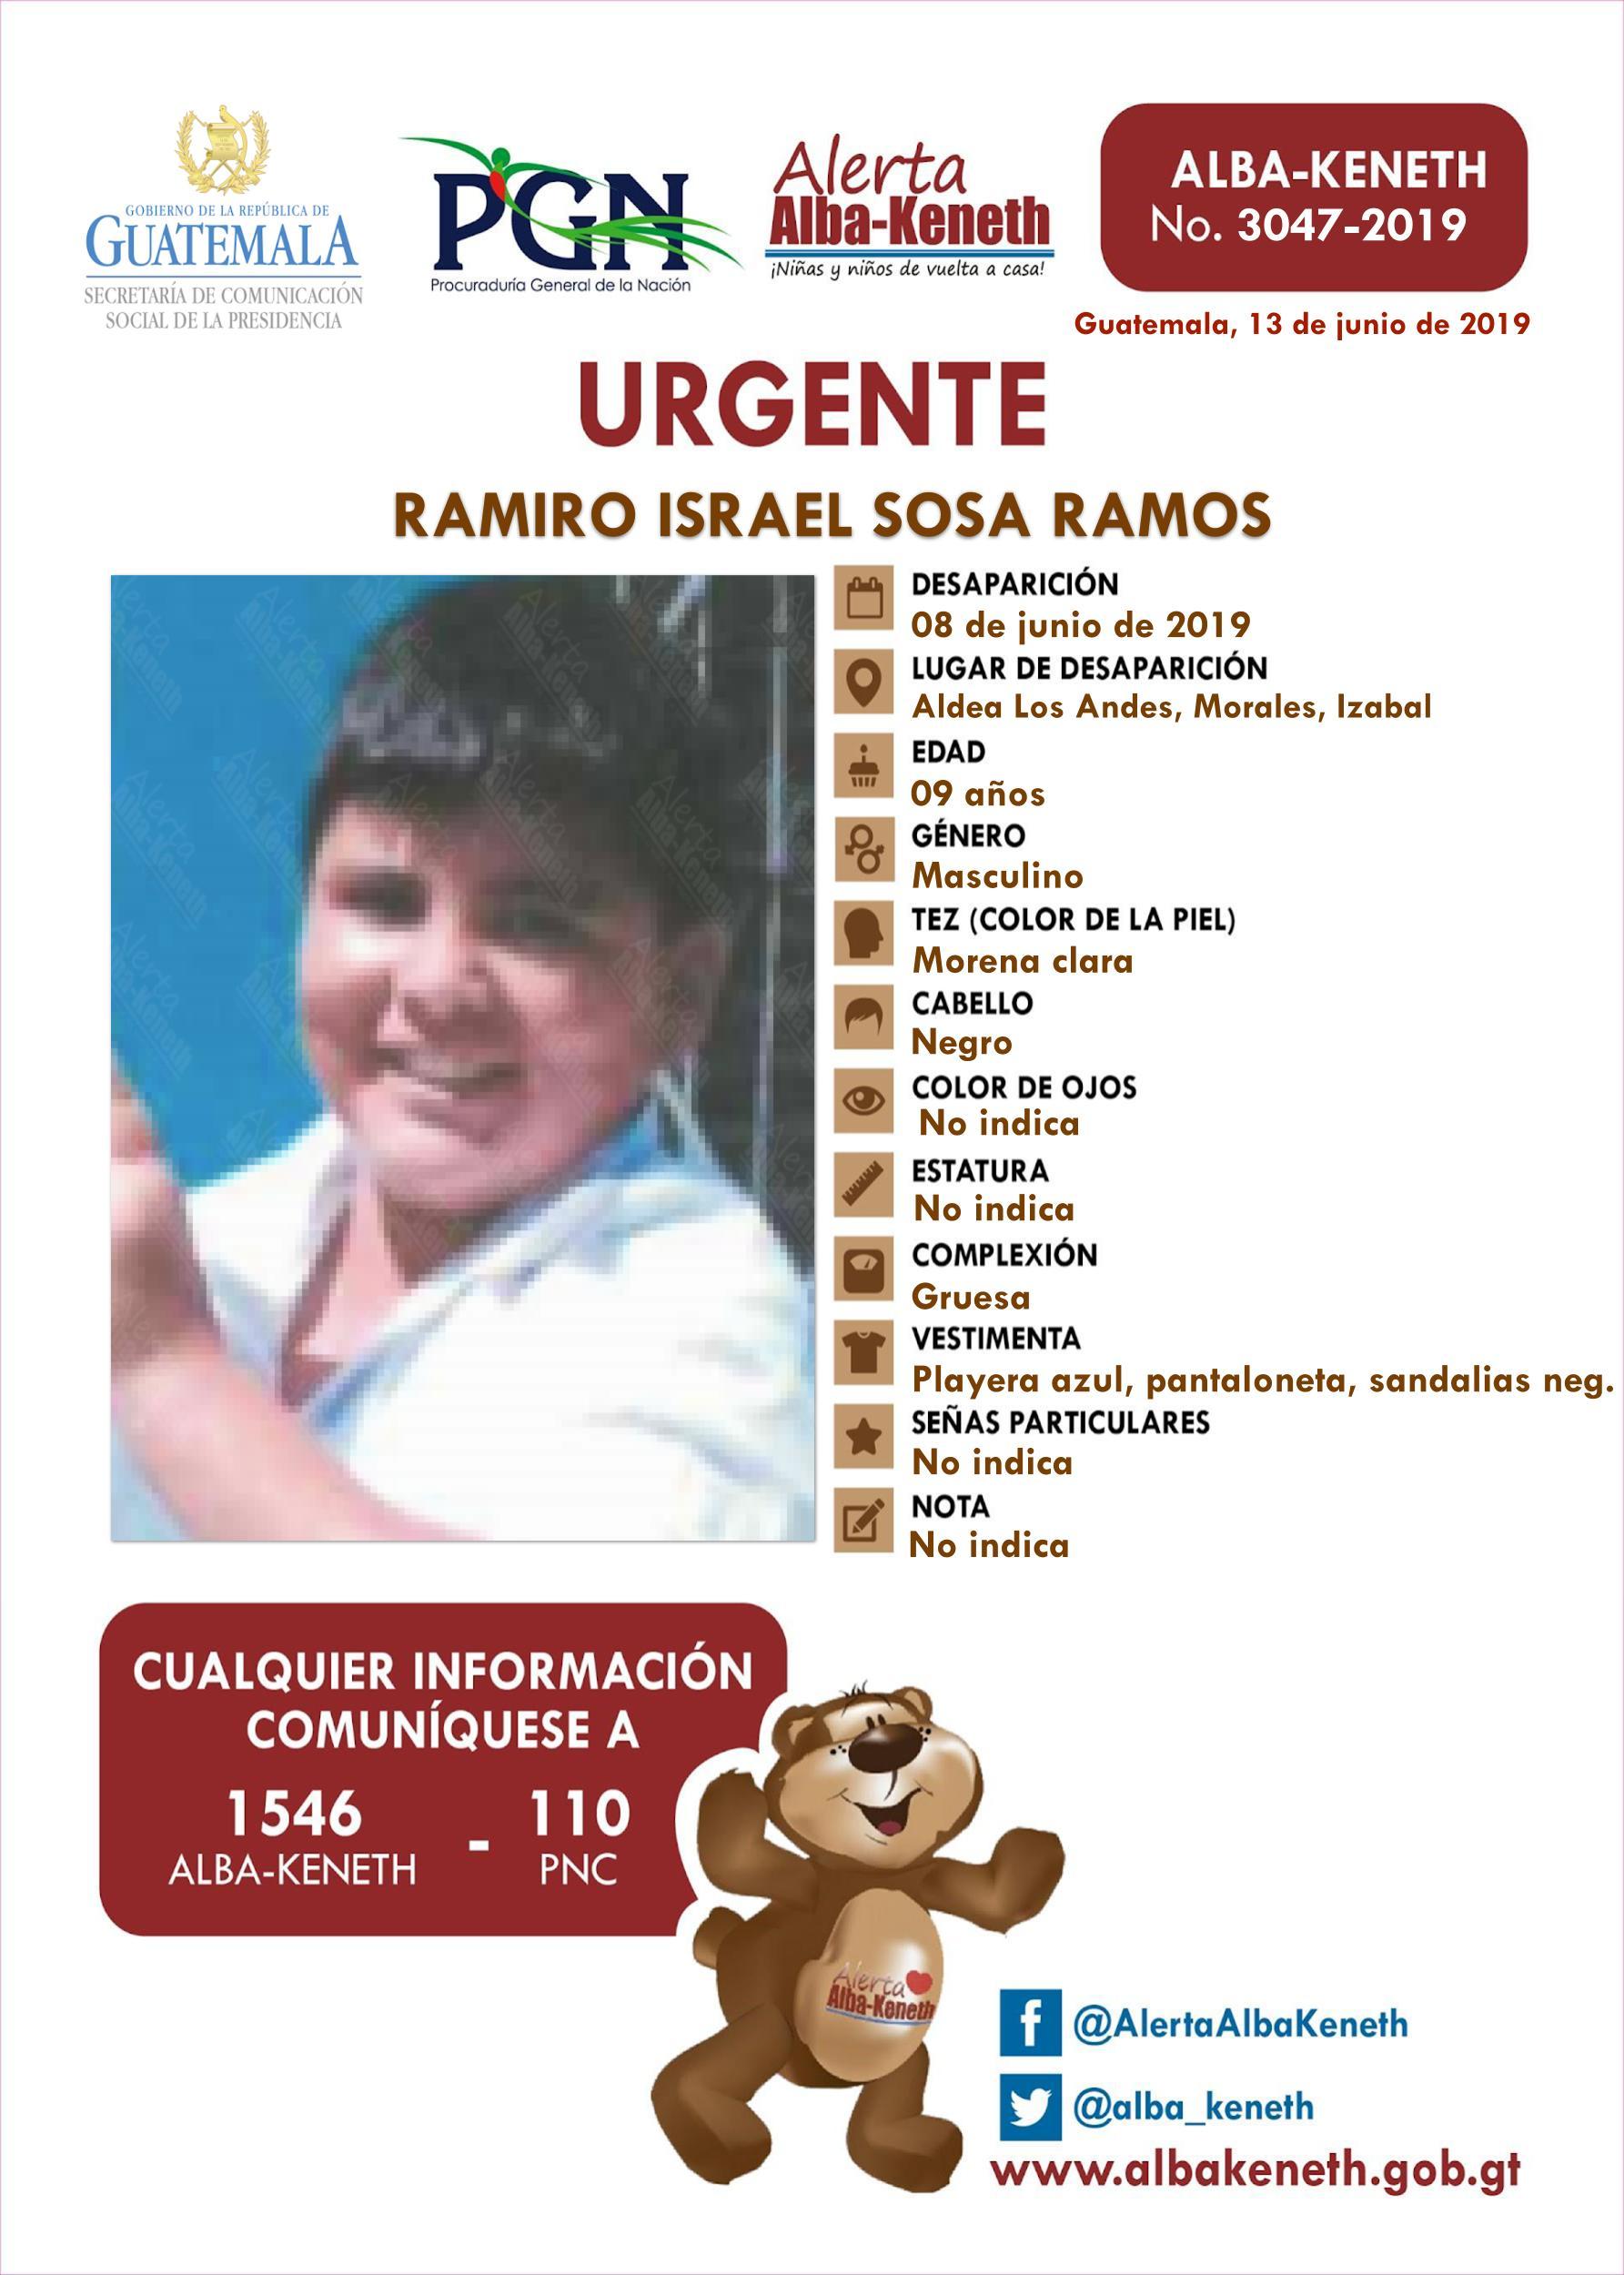 Ramiro Israel Sosa Ramos